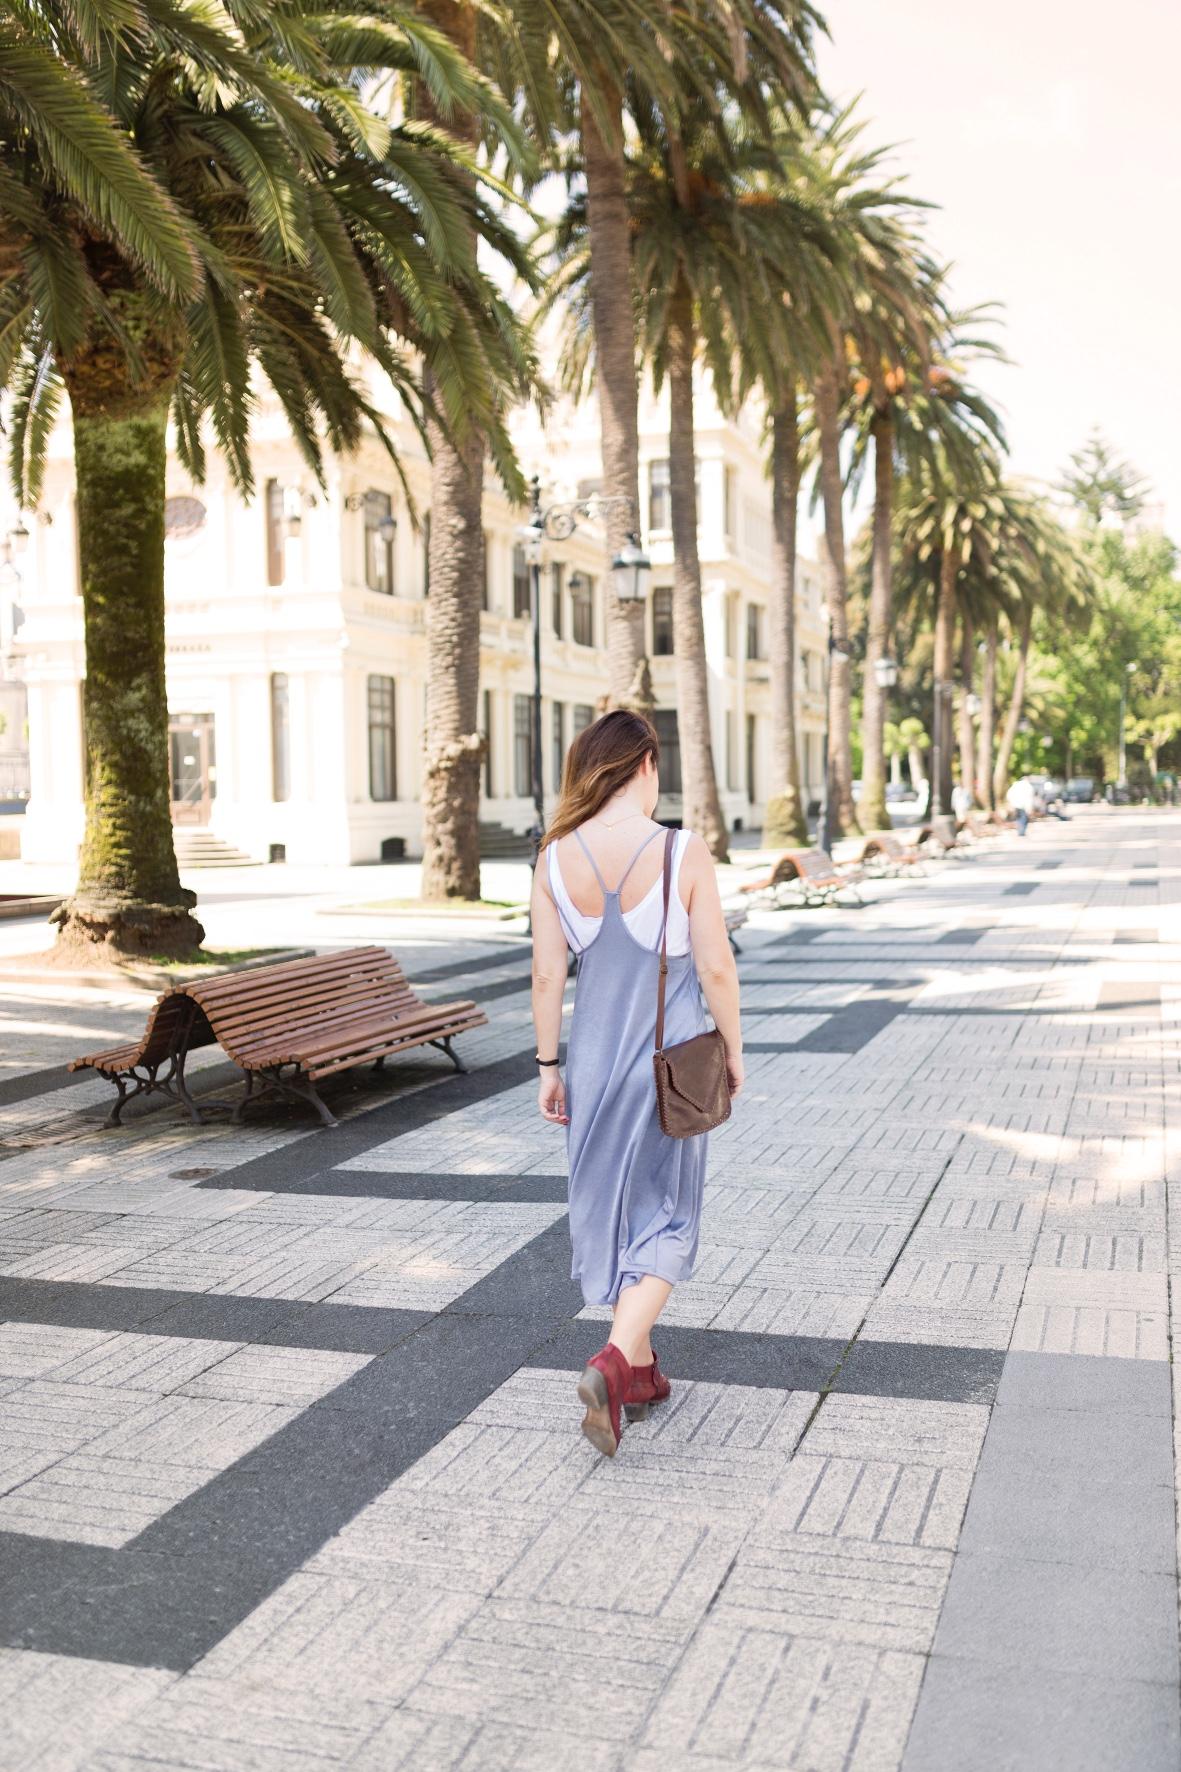 ootd-descalzaporelparque-vestido-botines- zara - streetstyle-moda -urban outfitters- bag-calle-coruña-dress-style